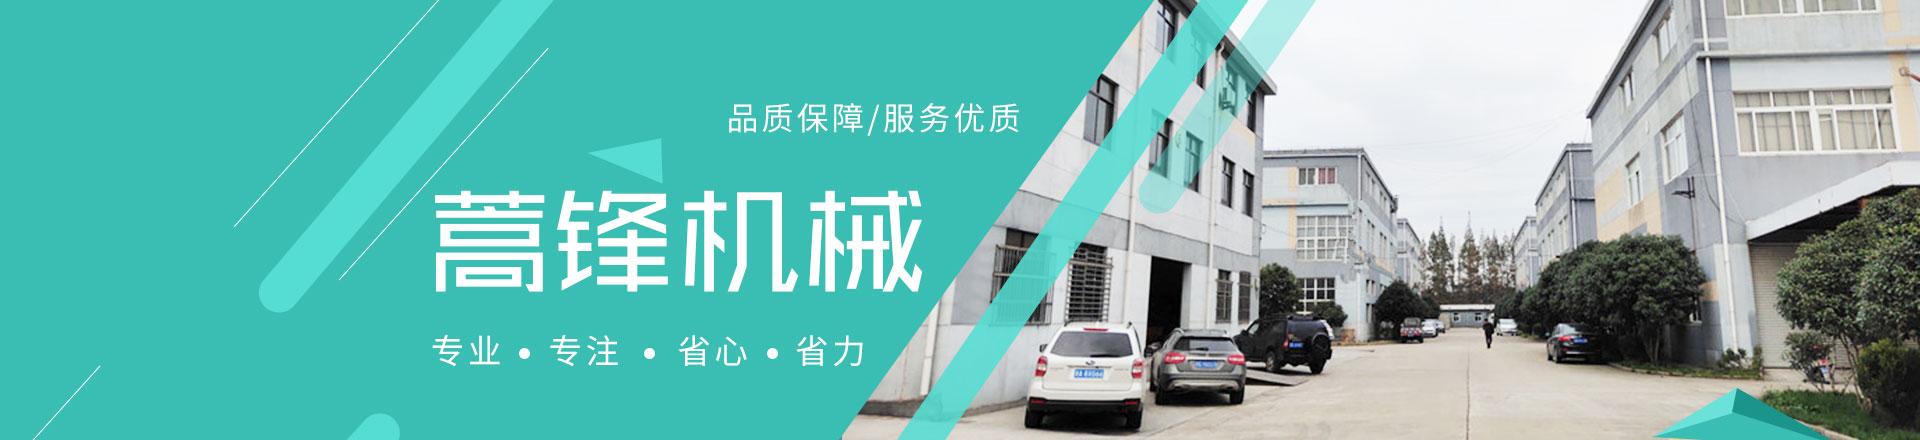 上海蒿锋机械刀片有限公司